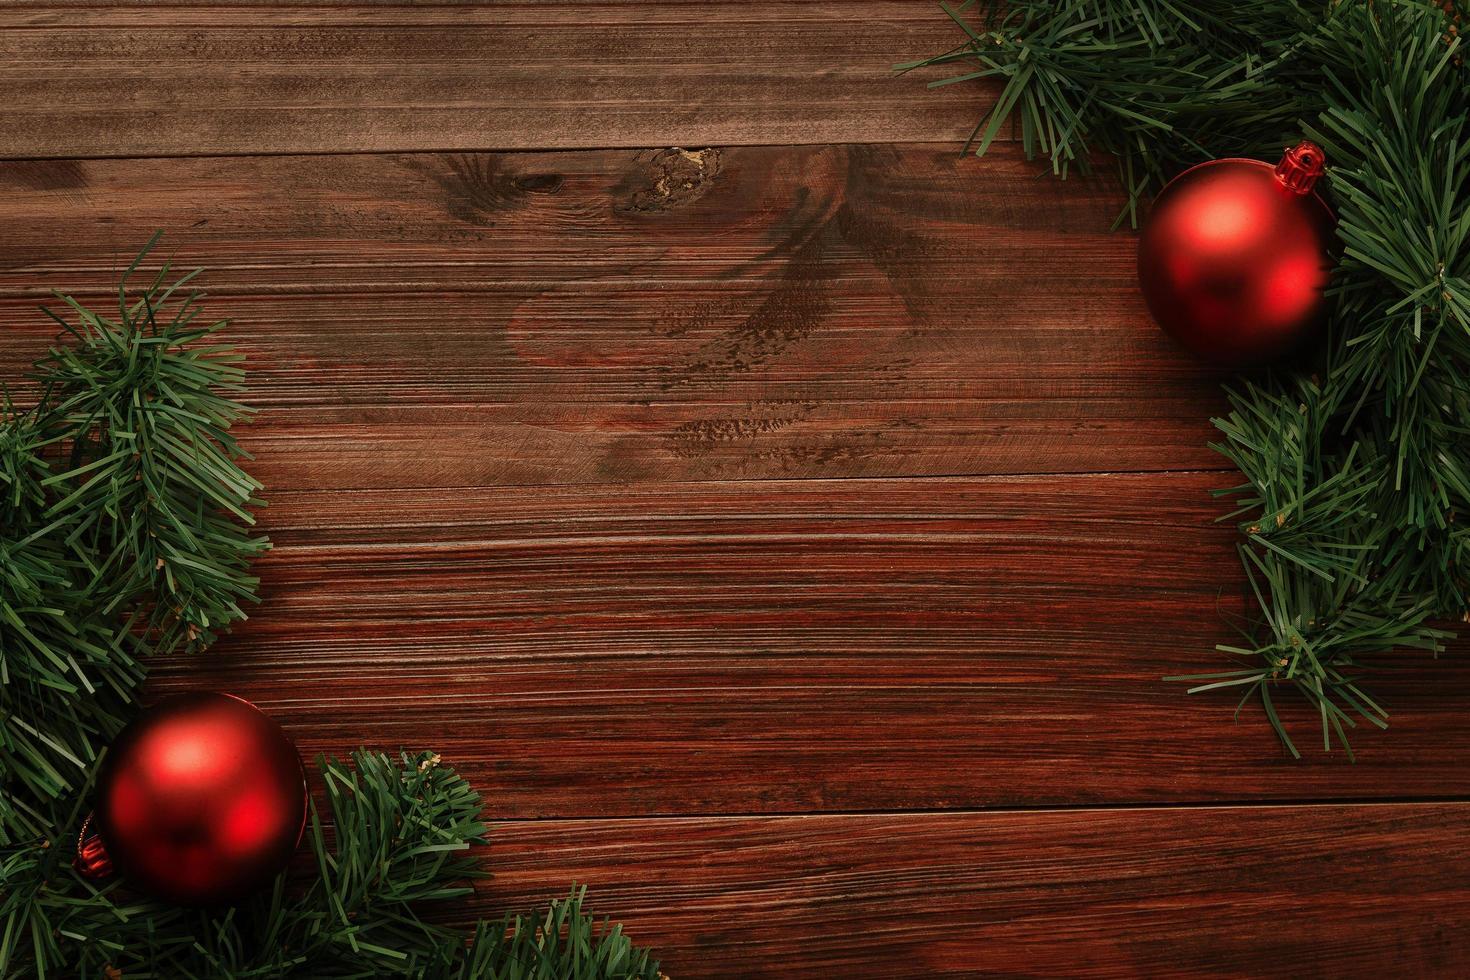 Weihnachten und Neujahr mit roten Kugeln foto